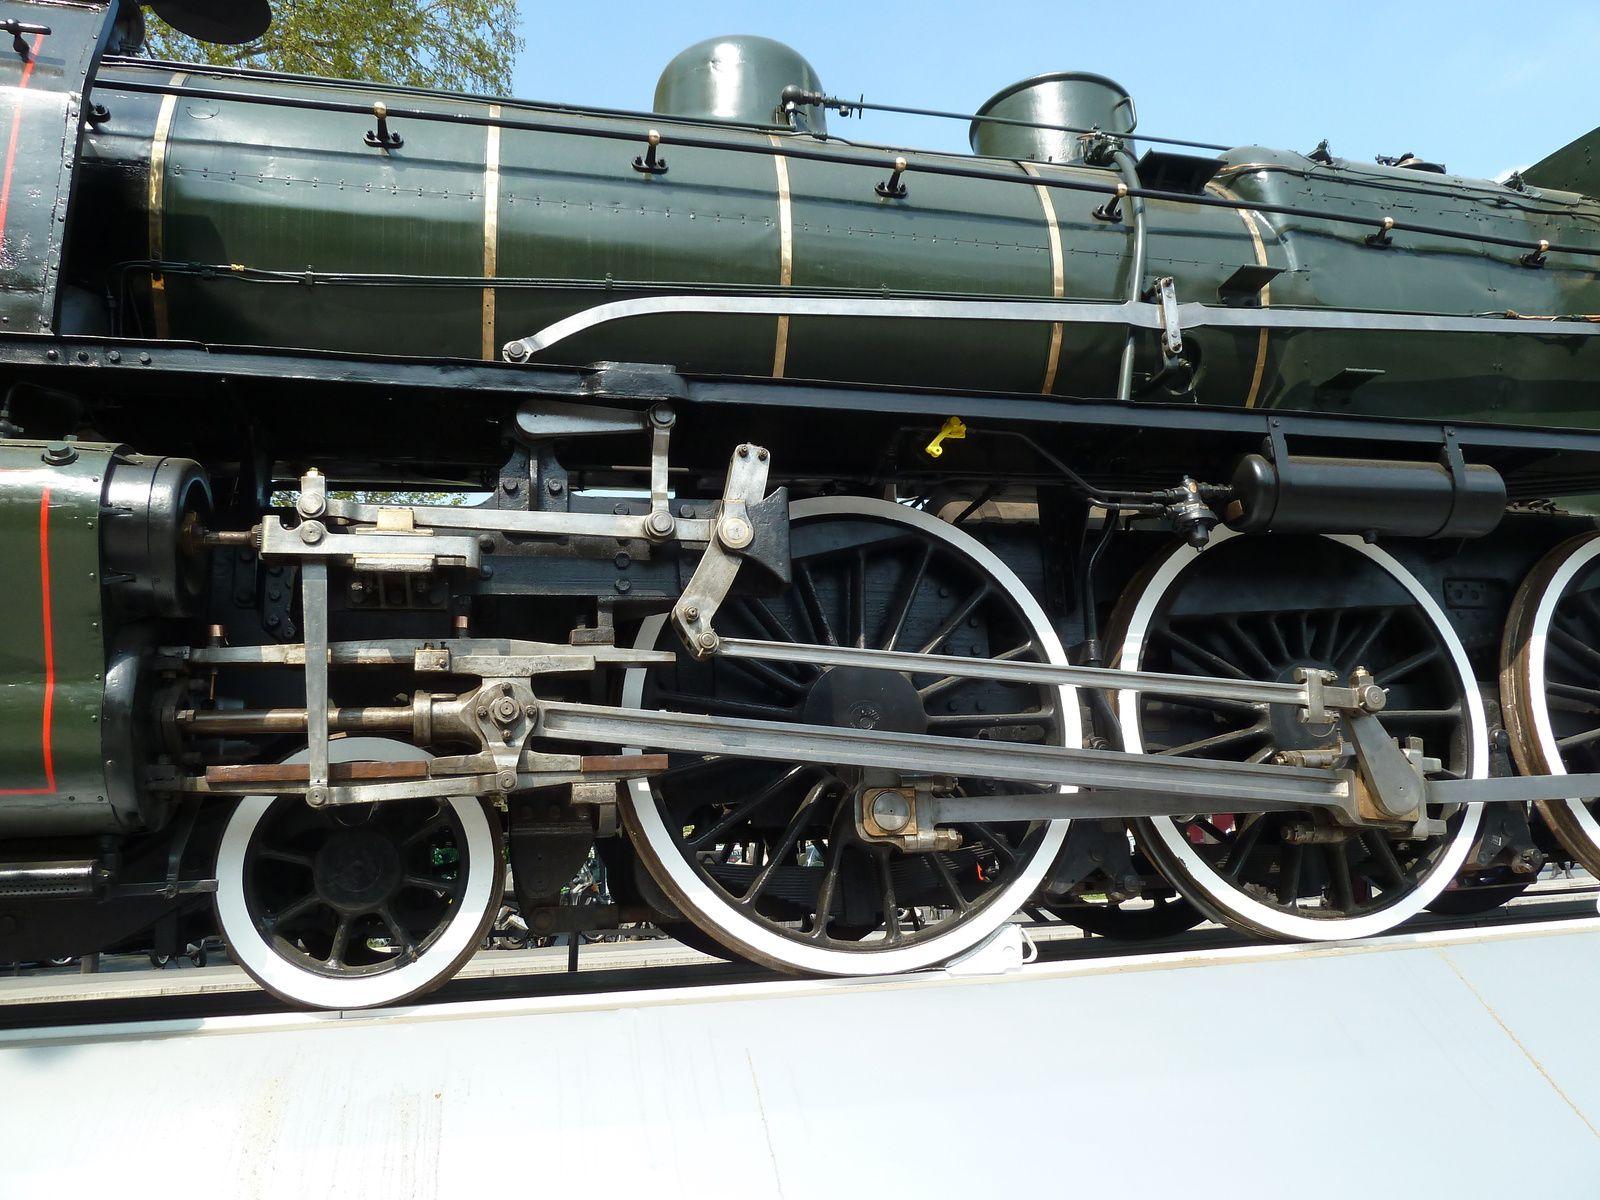 Les roues de cette machine me rappellent que lorsque j'étais enfant, j'allais avec mon petit frère sur les quais de la Gare de l'Est pour les voir se mettre en route crachant escarbilles et vapeur, cela m'impressionnait, d'ailleurs mon petit frère en a gardé un gout pour les trains toute sa vie.